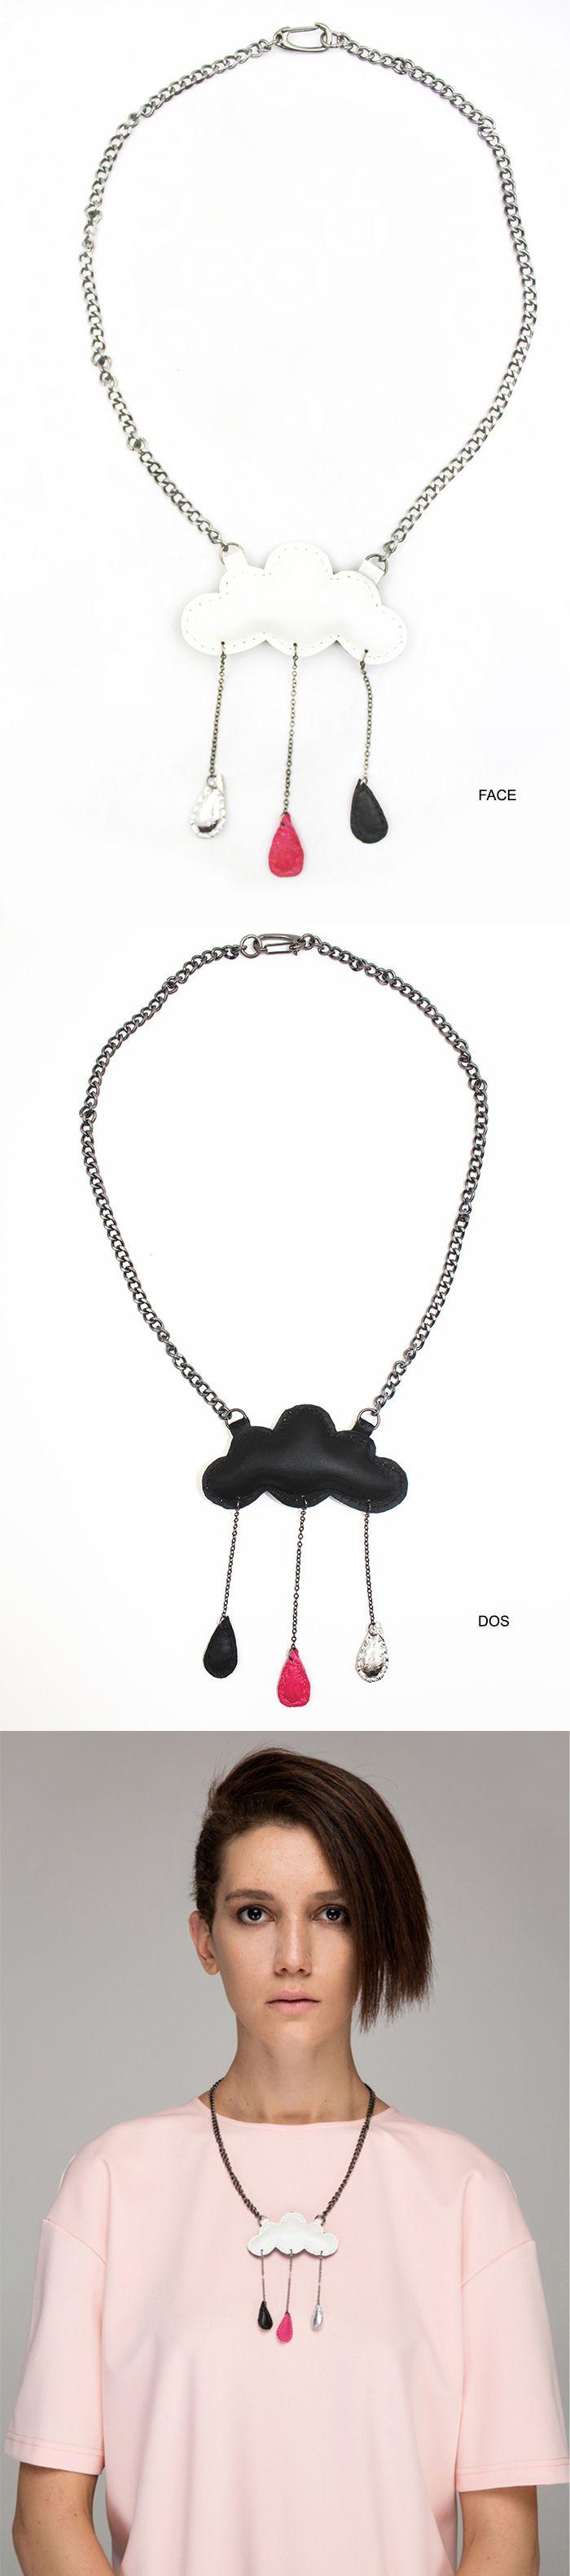 Collier Cloud http://www.shusee.com/home/10-collier-avec-pendentif-cloud-fait-main-bijoux-createur.html